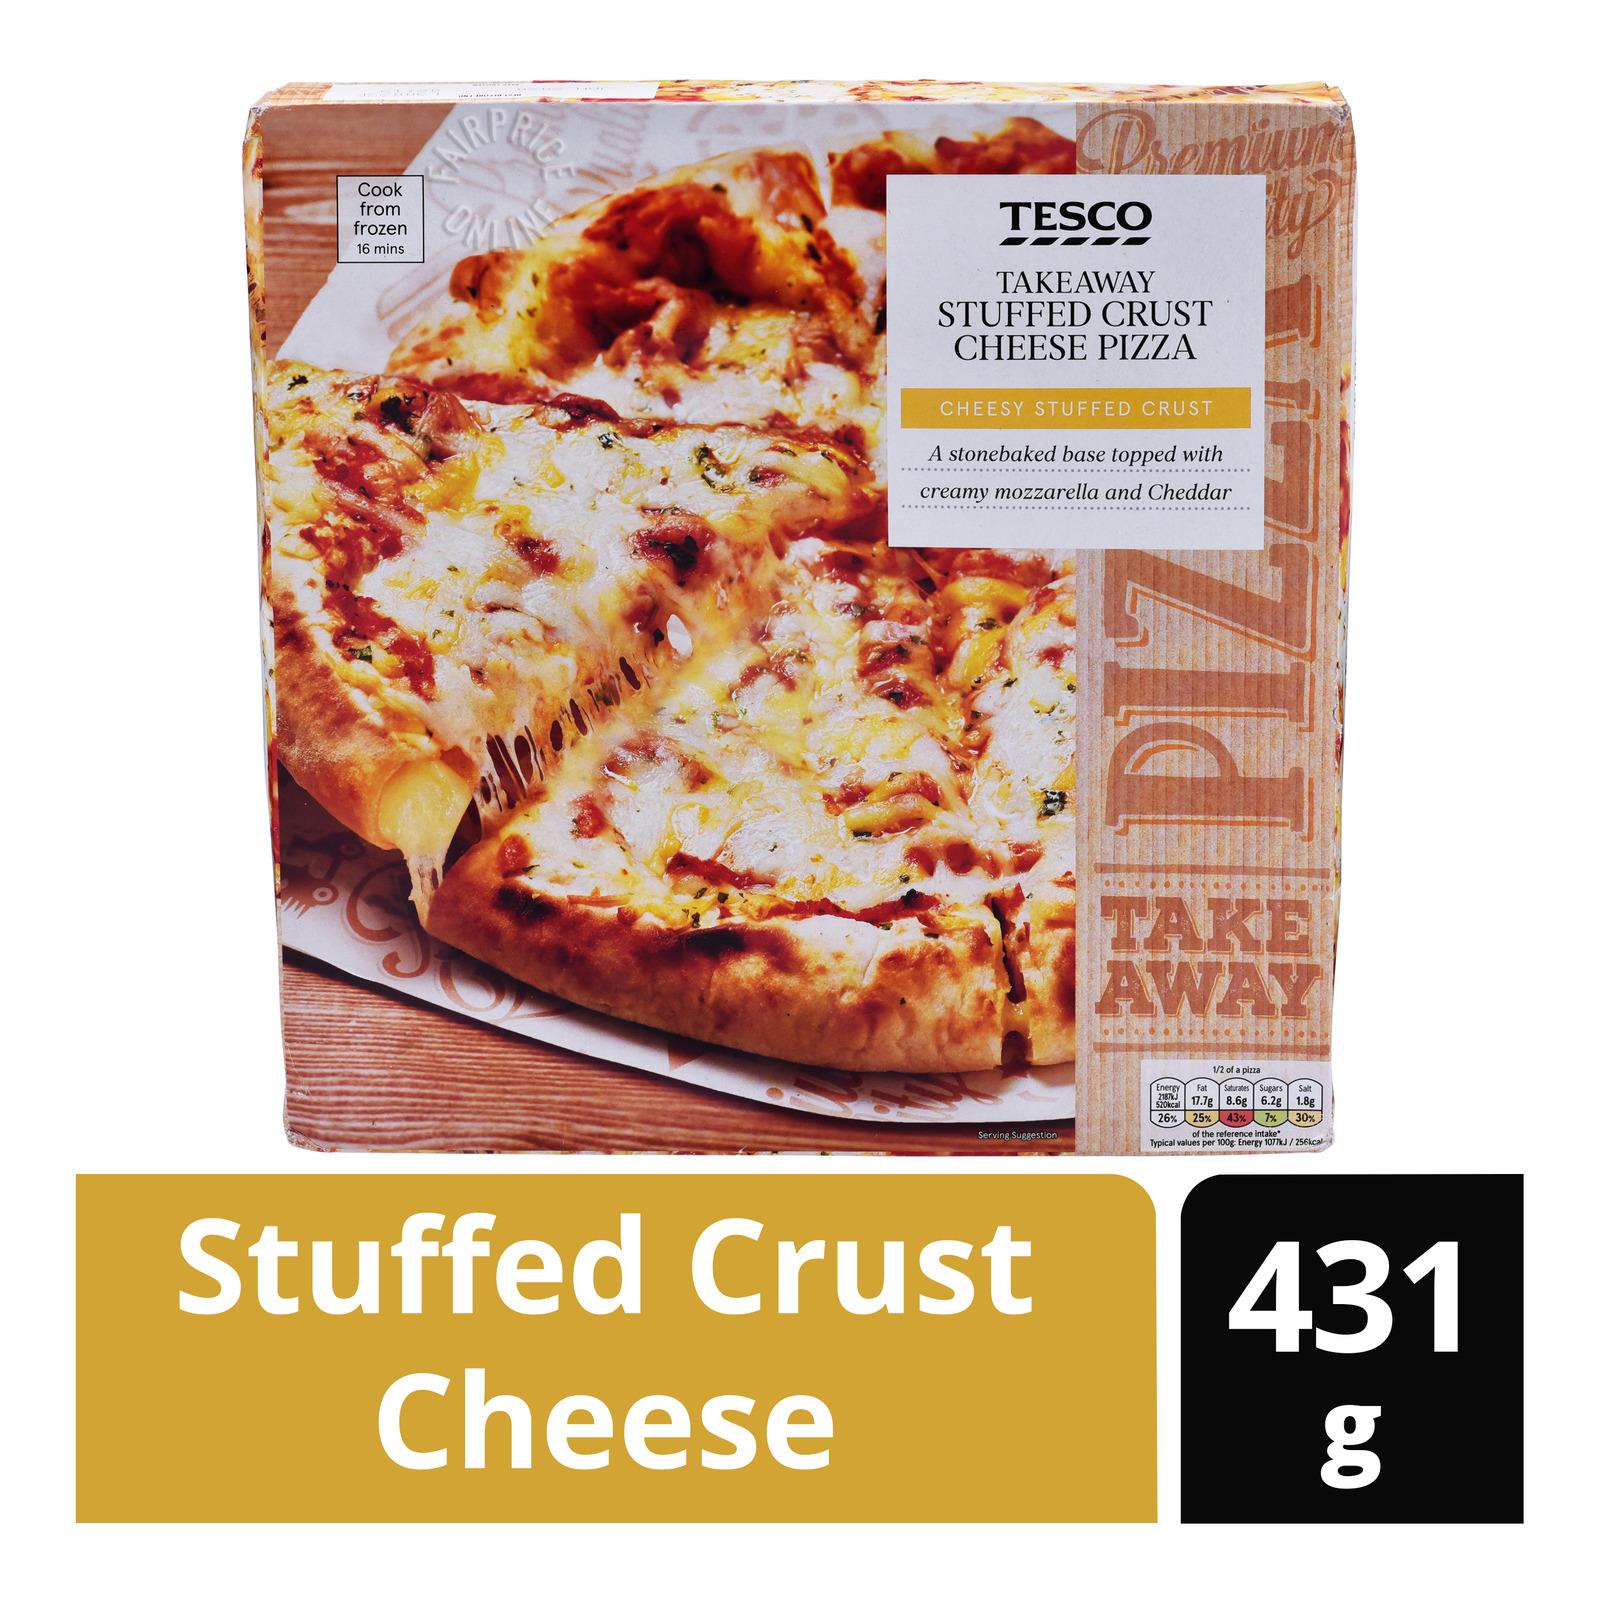 Tesco Takeaway Stuffed Crust Cheese Pizza